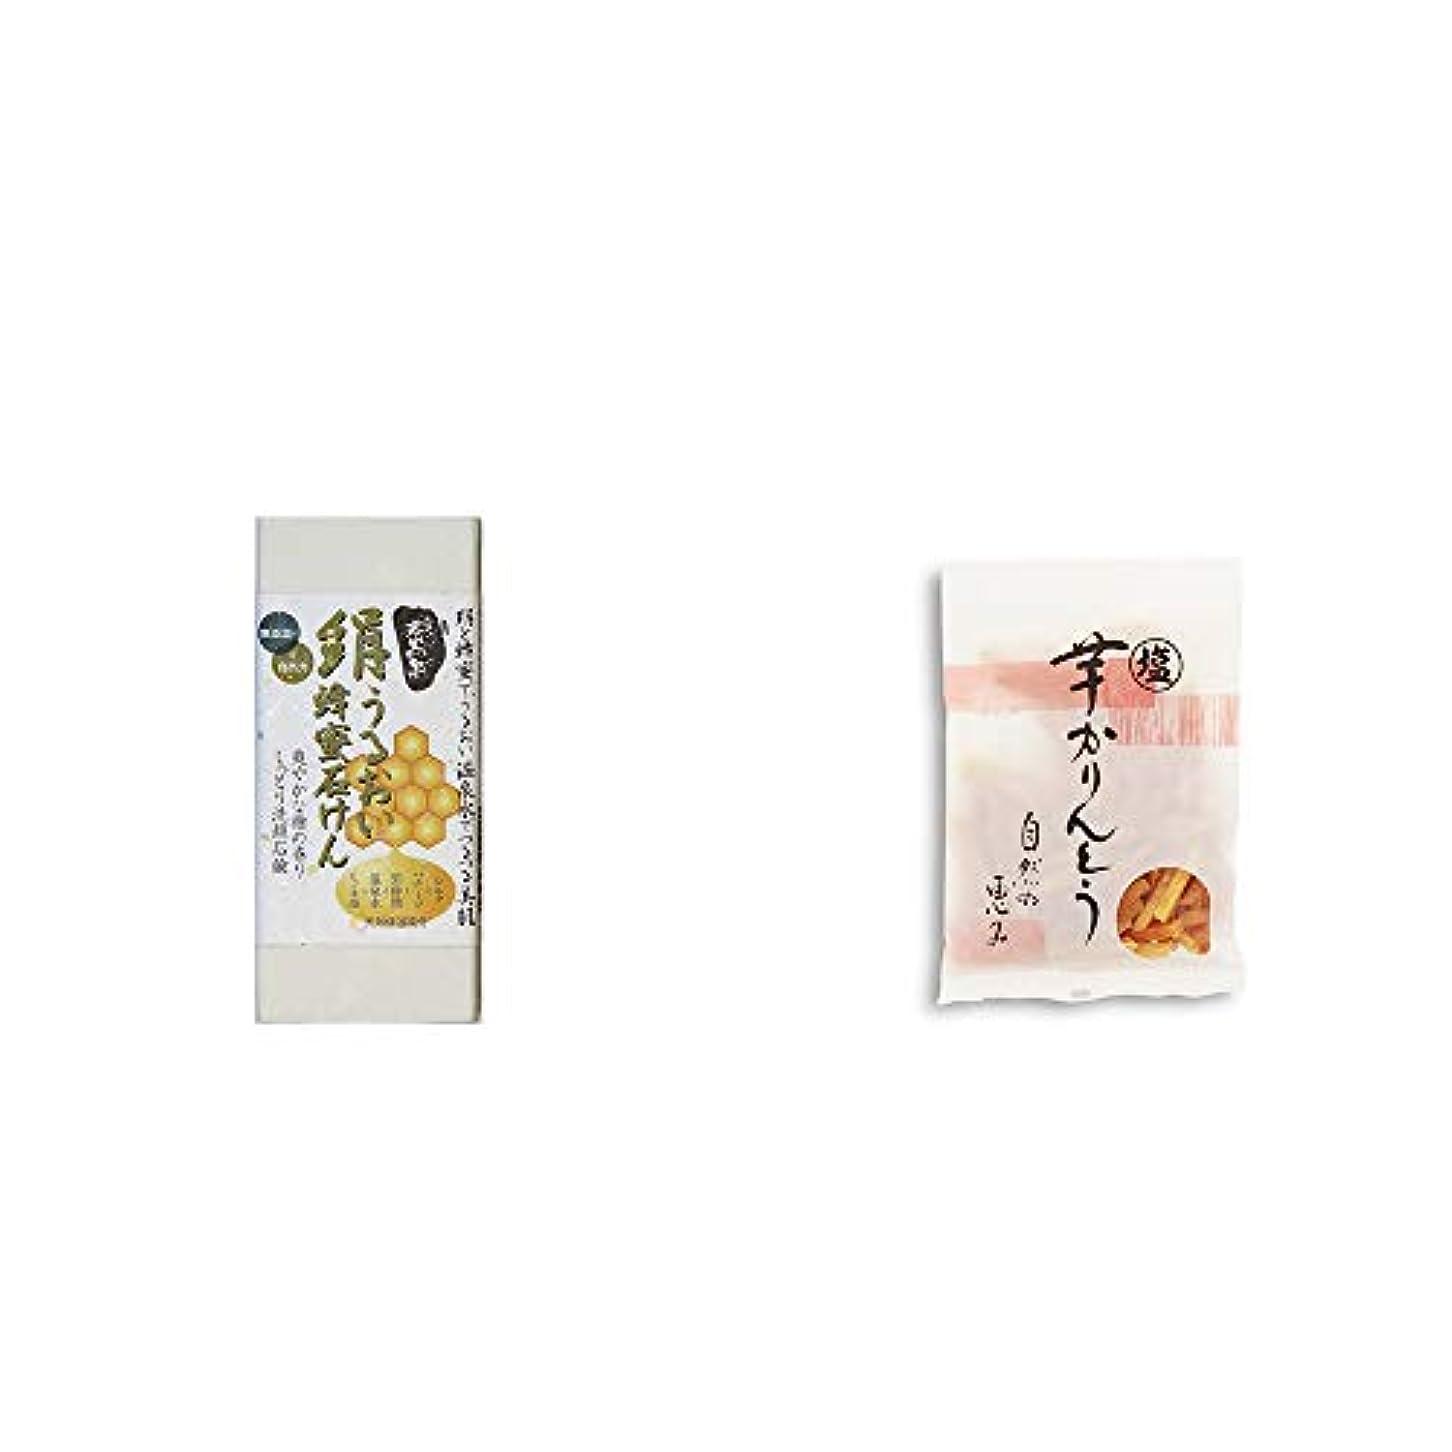 前進孤独な方言[2点セット] ひのき炭黒泉 絹うるおい蜂蜜石けん(75g×2)?塩芋かりんとう(150g)